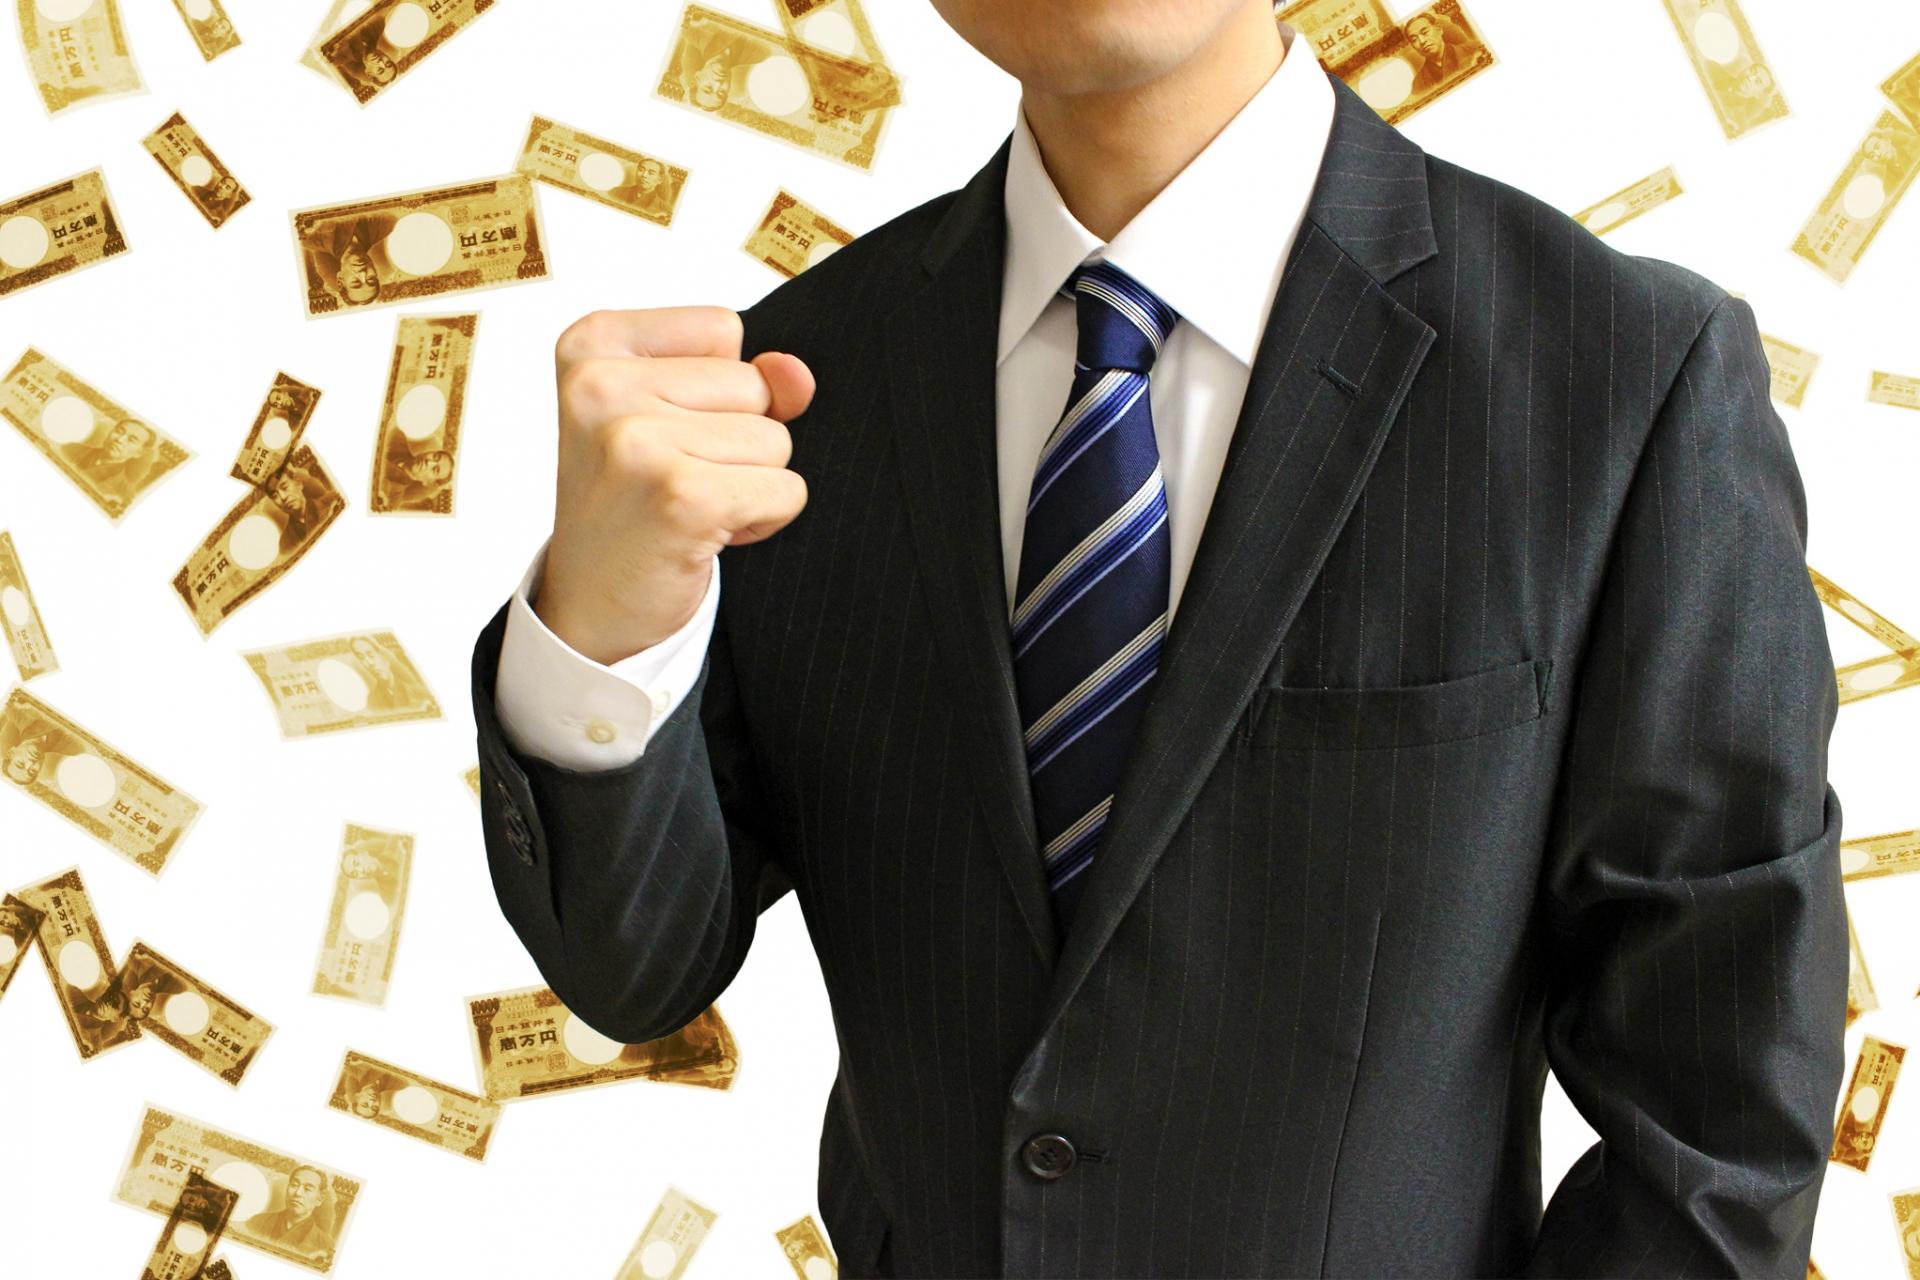 金持ちの息子の性格は、凡人とは違う点やその行動の特徴とは